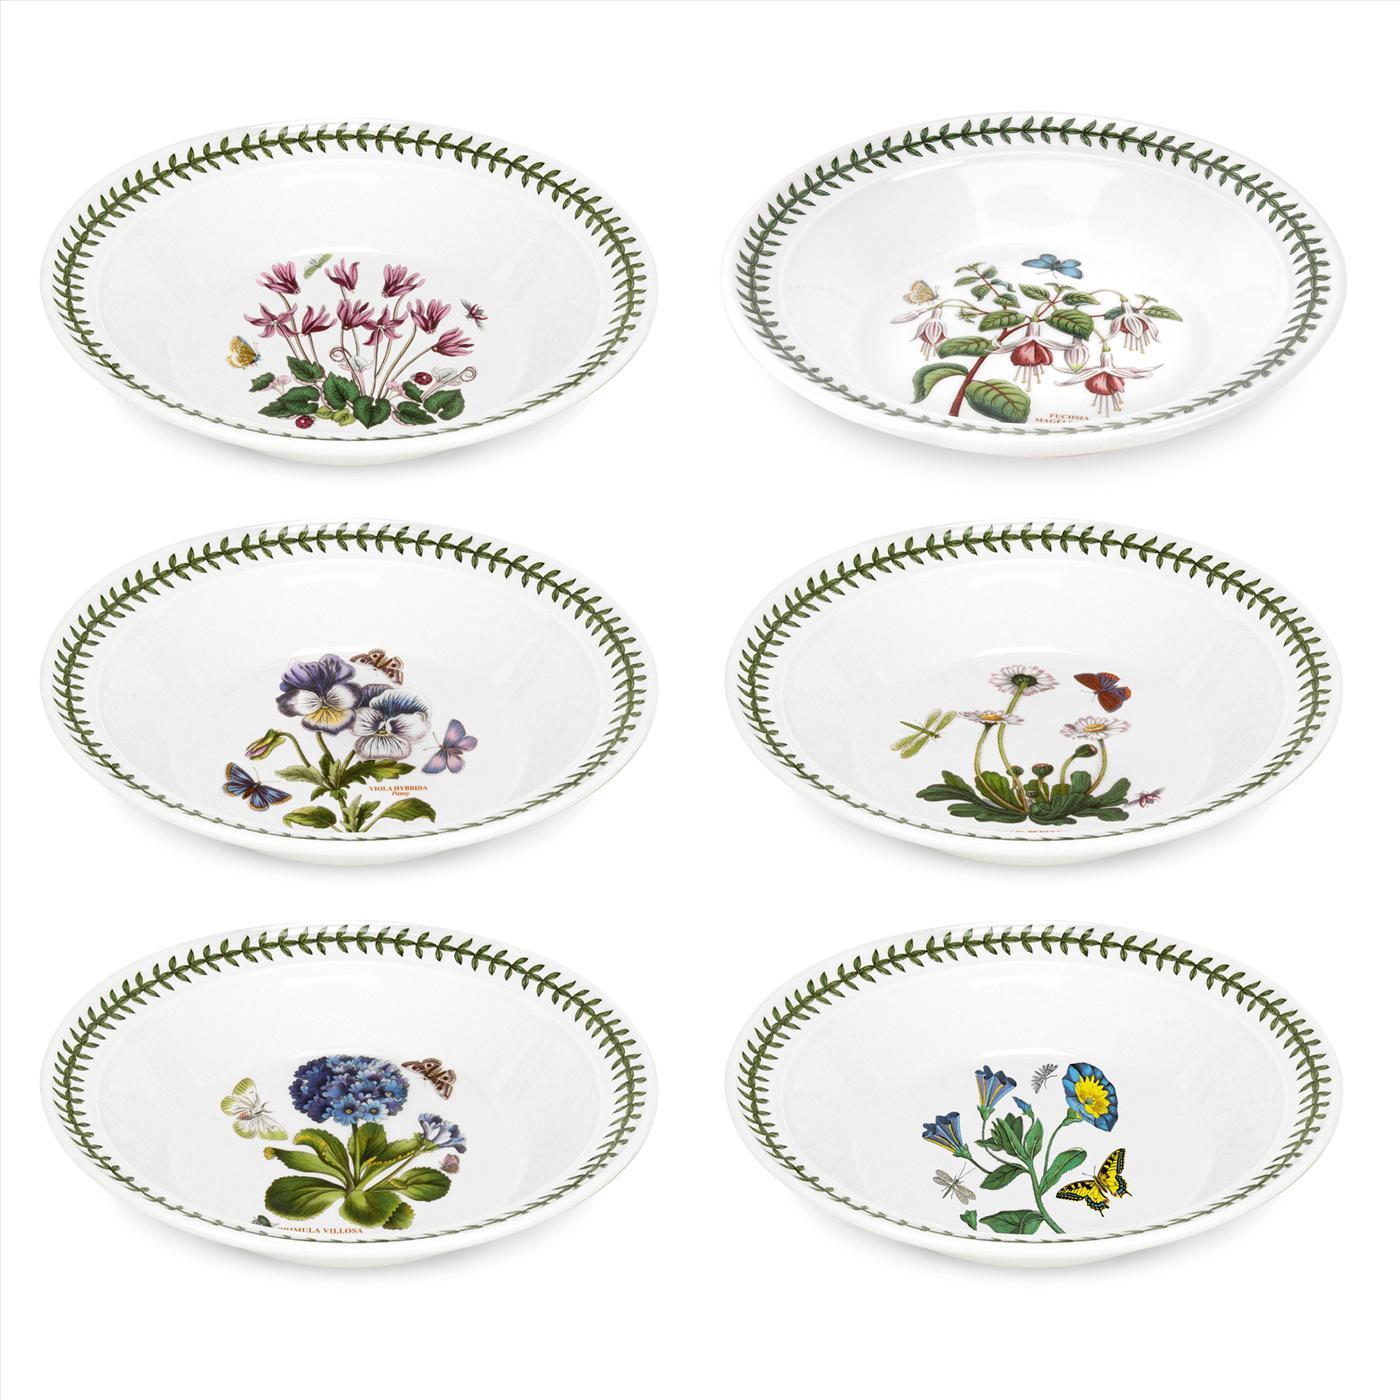 Portmeirion Botanic Garden Set of 9 Soup Plate/Bowls Assorted Motifs